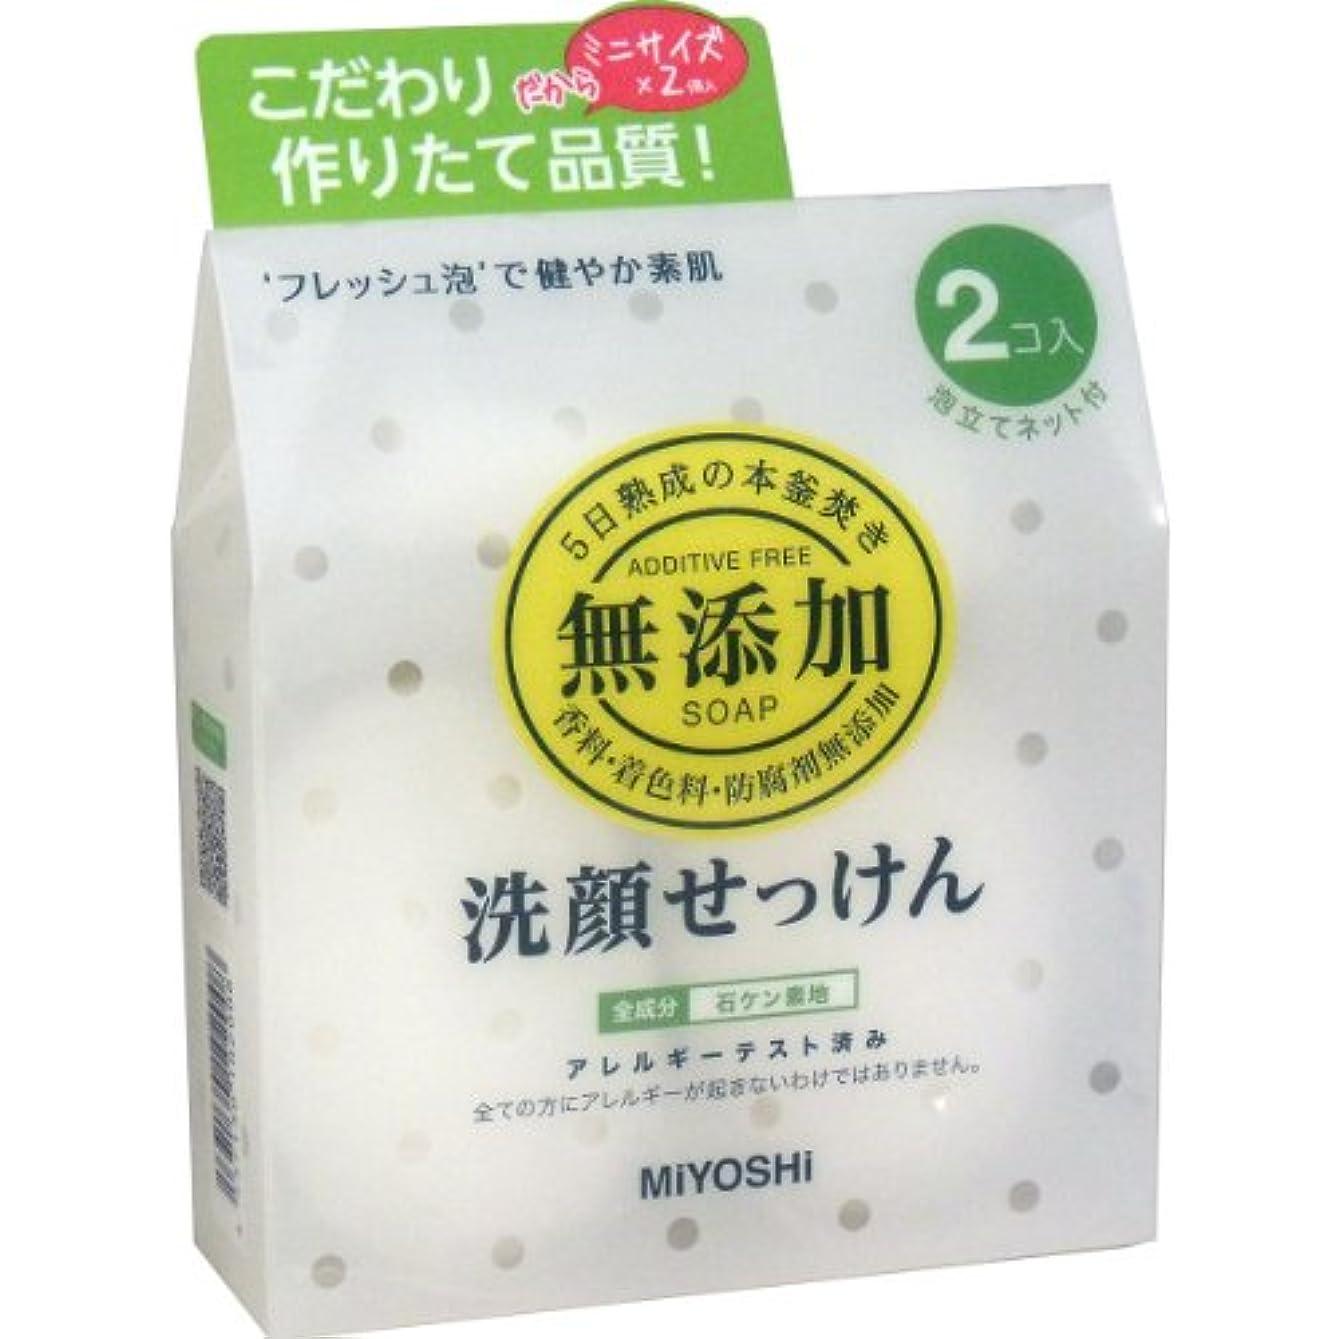 ペンダントモトリーコカイン【まとめ買い】ミヨシ石鹸 無添加洗顔せっけん2個入 80g ×2セット